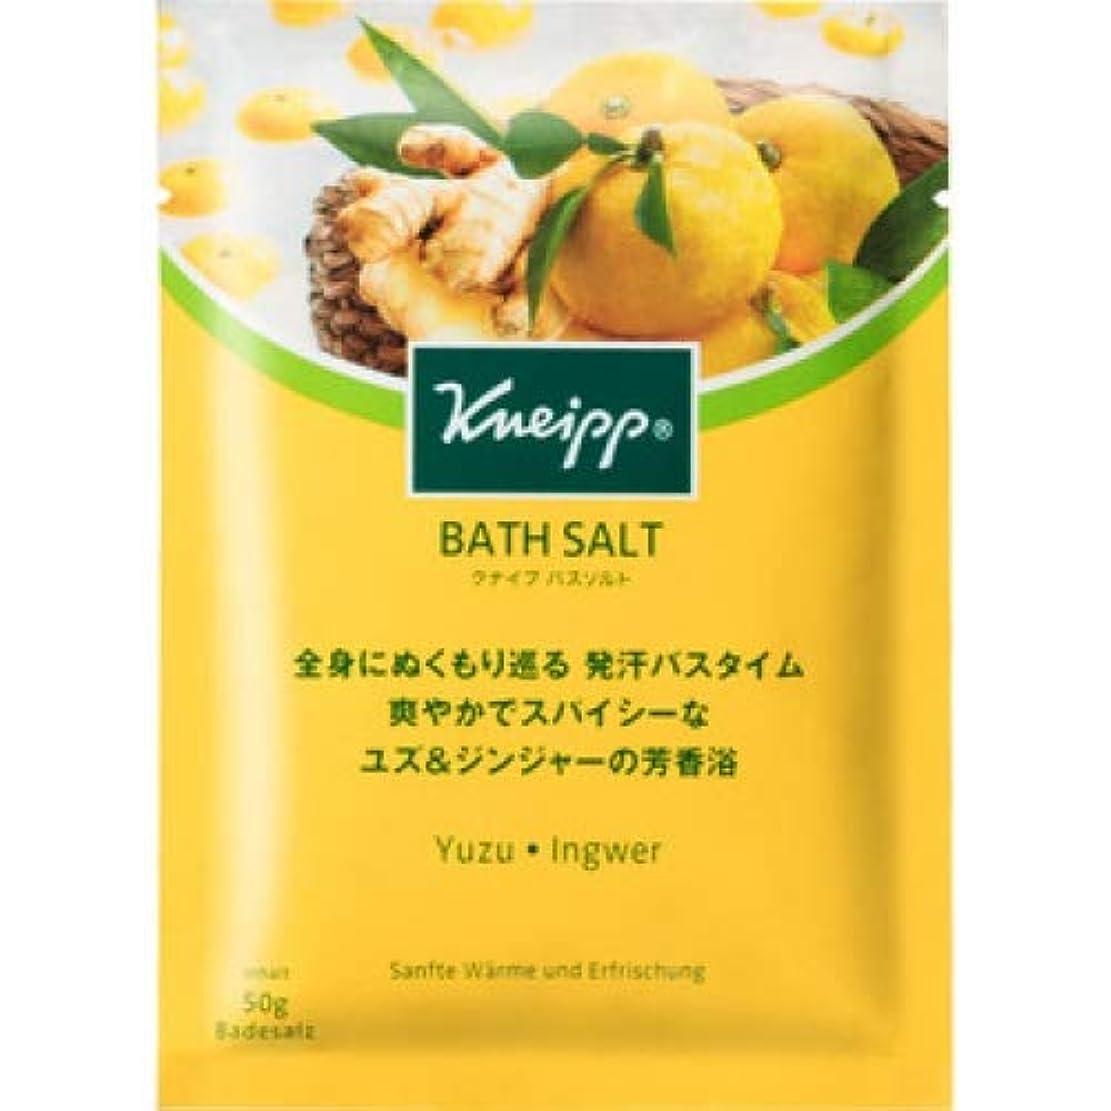 コードスキーミスペンドドイツ製バスソルト KNEIPP クナイプ バスソルト ユズ&ジンジャーの香り (50g) 入浴剤